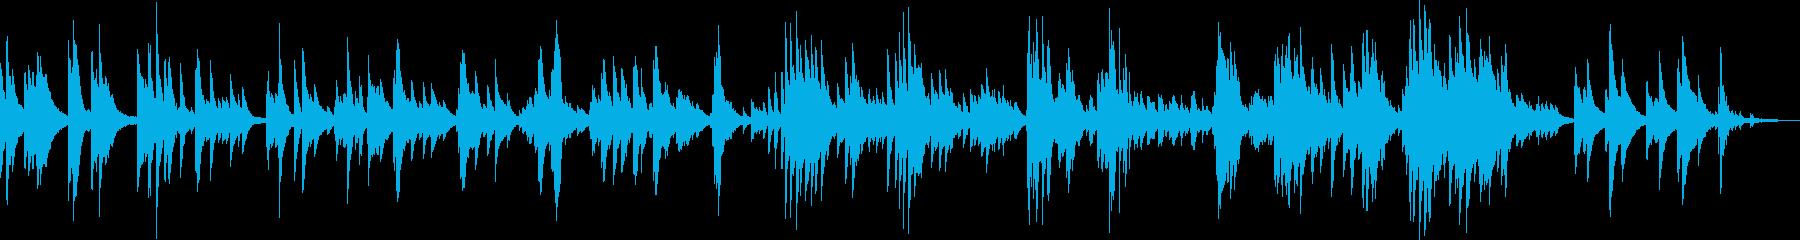 別れのテーマ(ピアノ・バラード・悲しい)の再生済みの波形